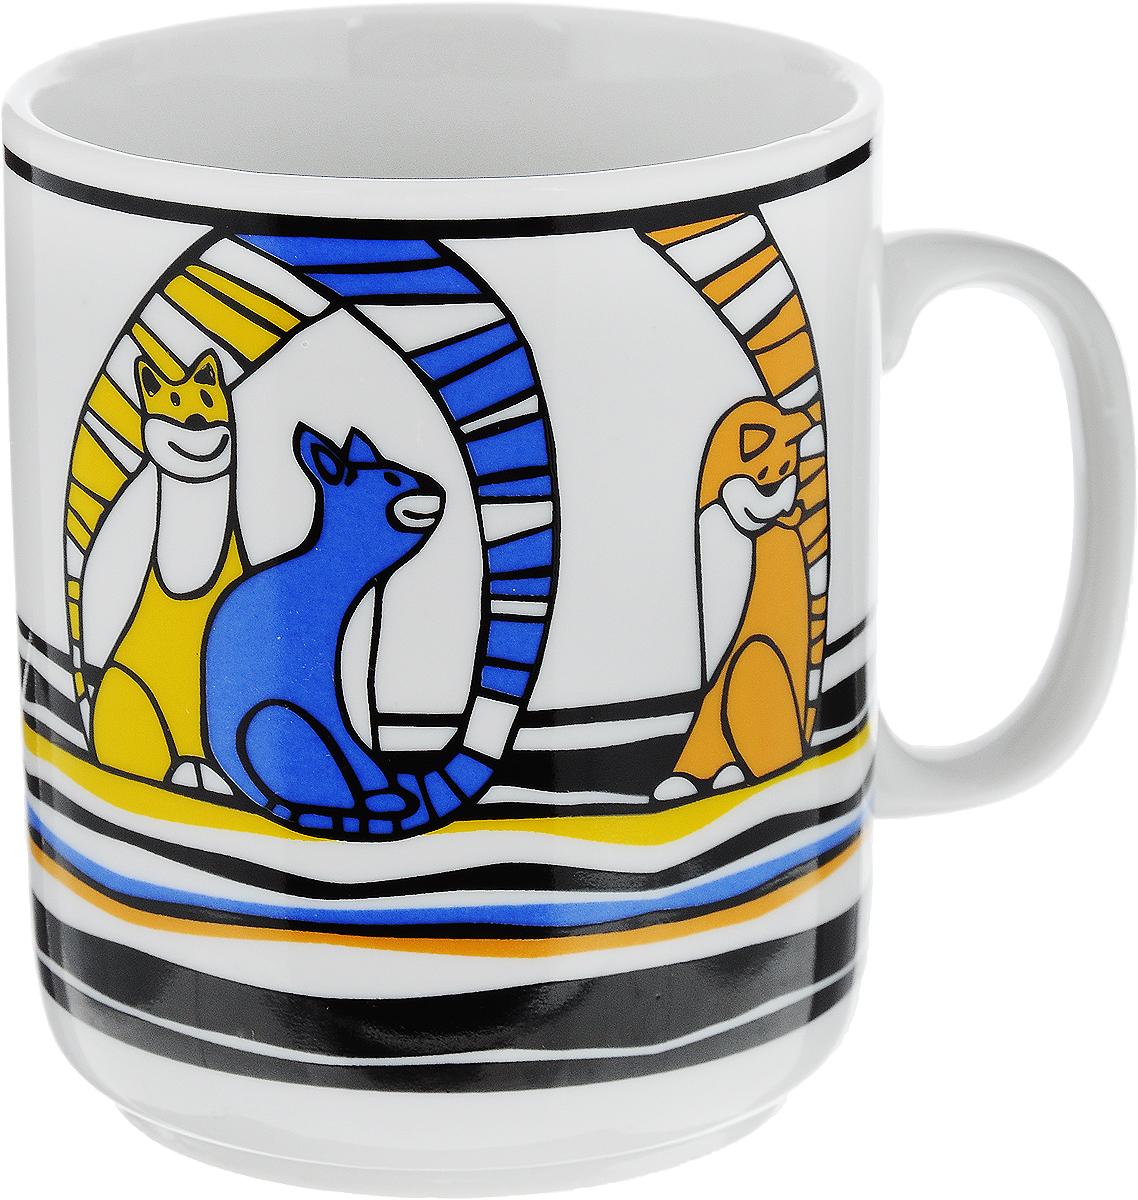 Кружка Фарфор Вербилок Коты, цвет: желтый, синий, оранжевый, 300 мл9272480_желтый, синий, оранжевыйКружка Фарфор Вербилок Коты способна скрасить любое чаепитие. Изделие выполнено из высококачественного фарфора. Посуда из такого материала позволяет сохранить истинный вкус напитка, а также помогает ему дольше оставаться теплым. Диаметр по верхнему краю: 8 см. Высота кружки: 9,5 см.